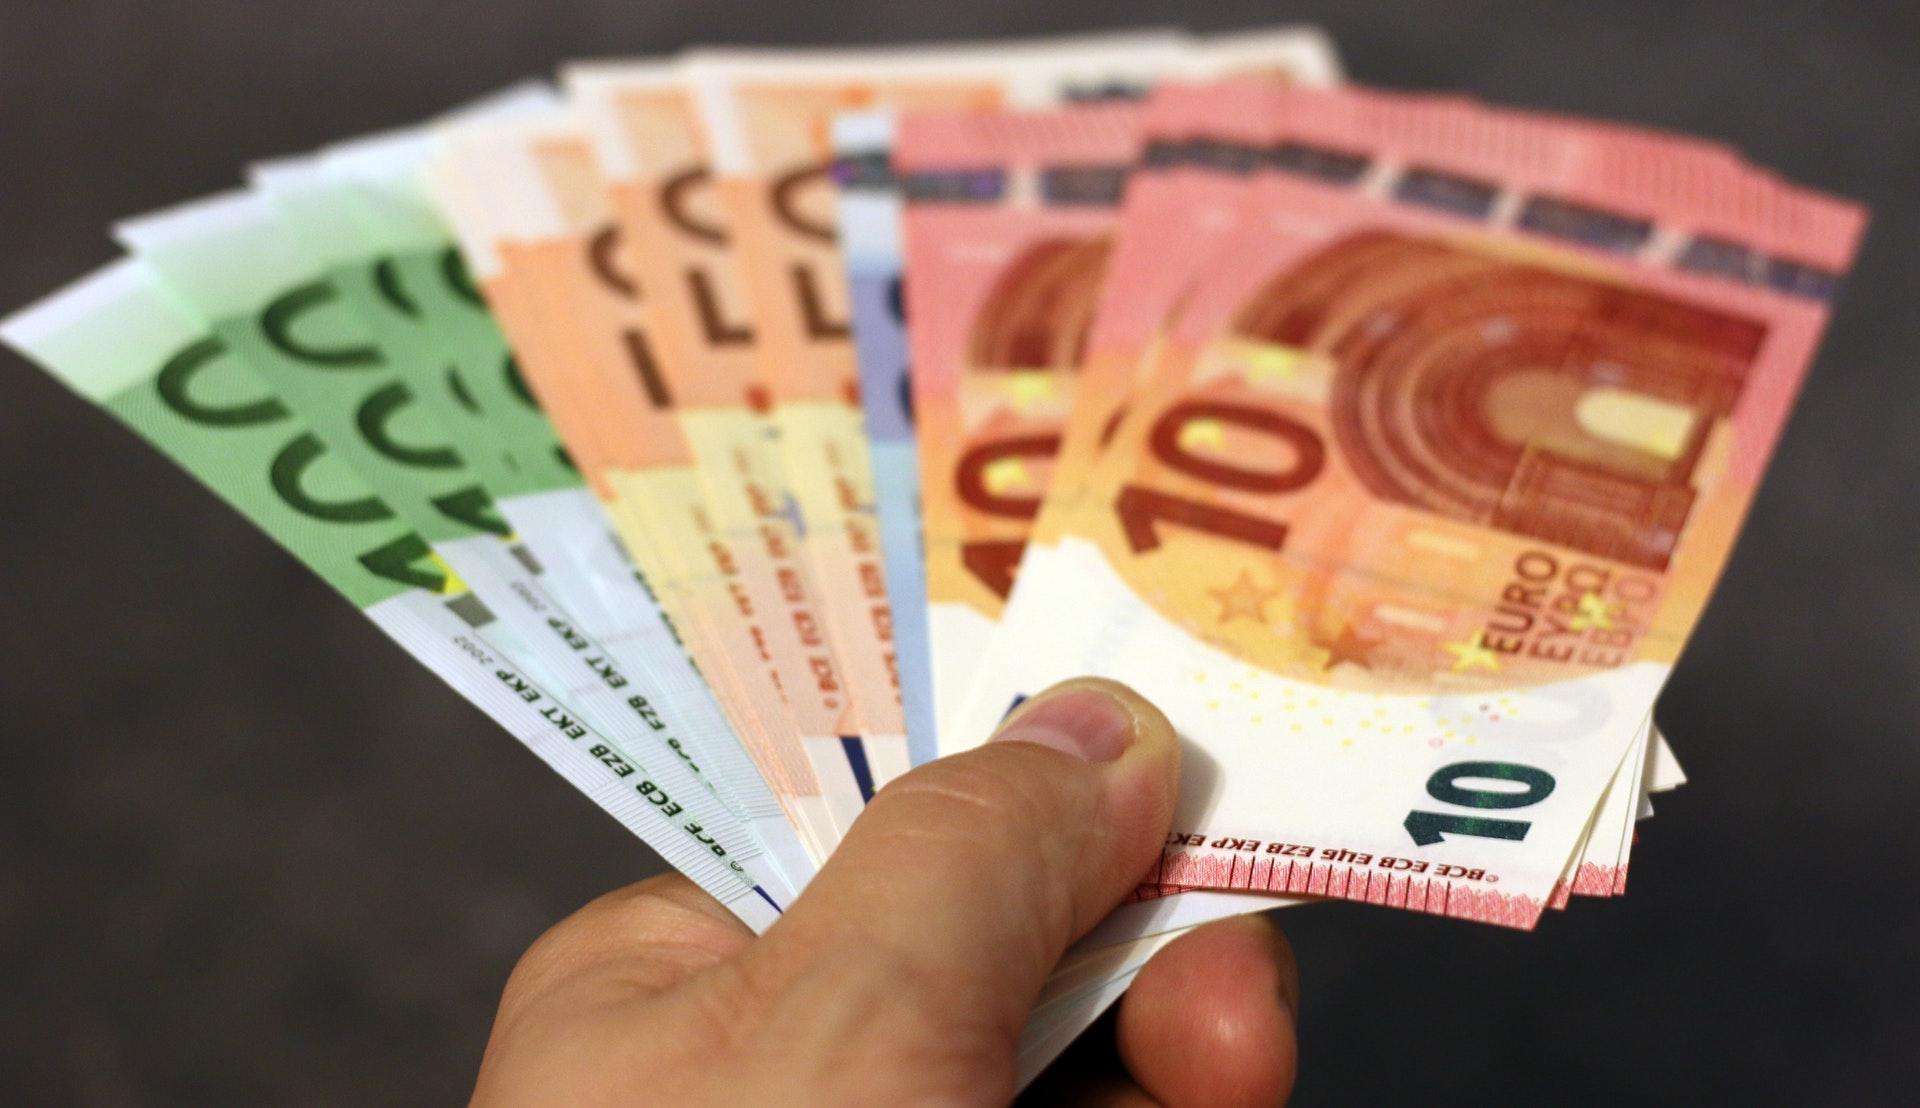 Kredyt gotówkowy i pożyczki bankowe. Ile to kosztuje?